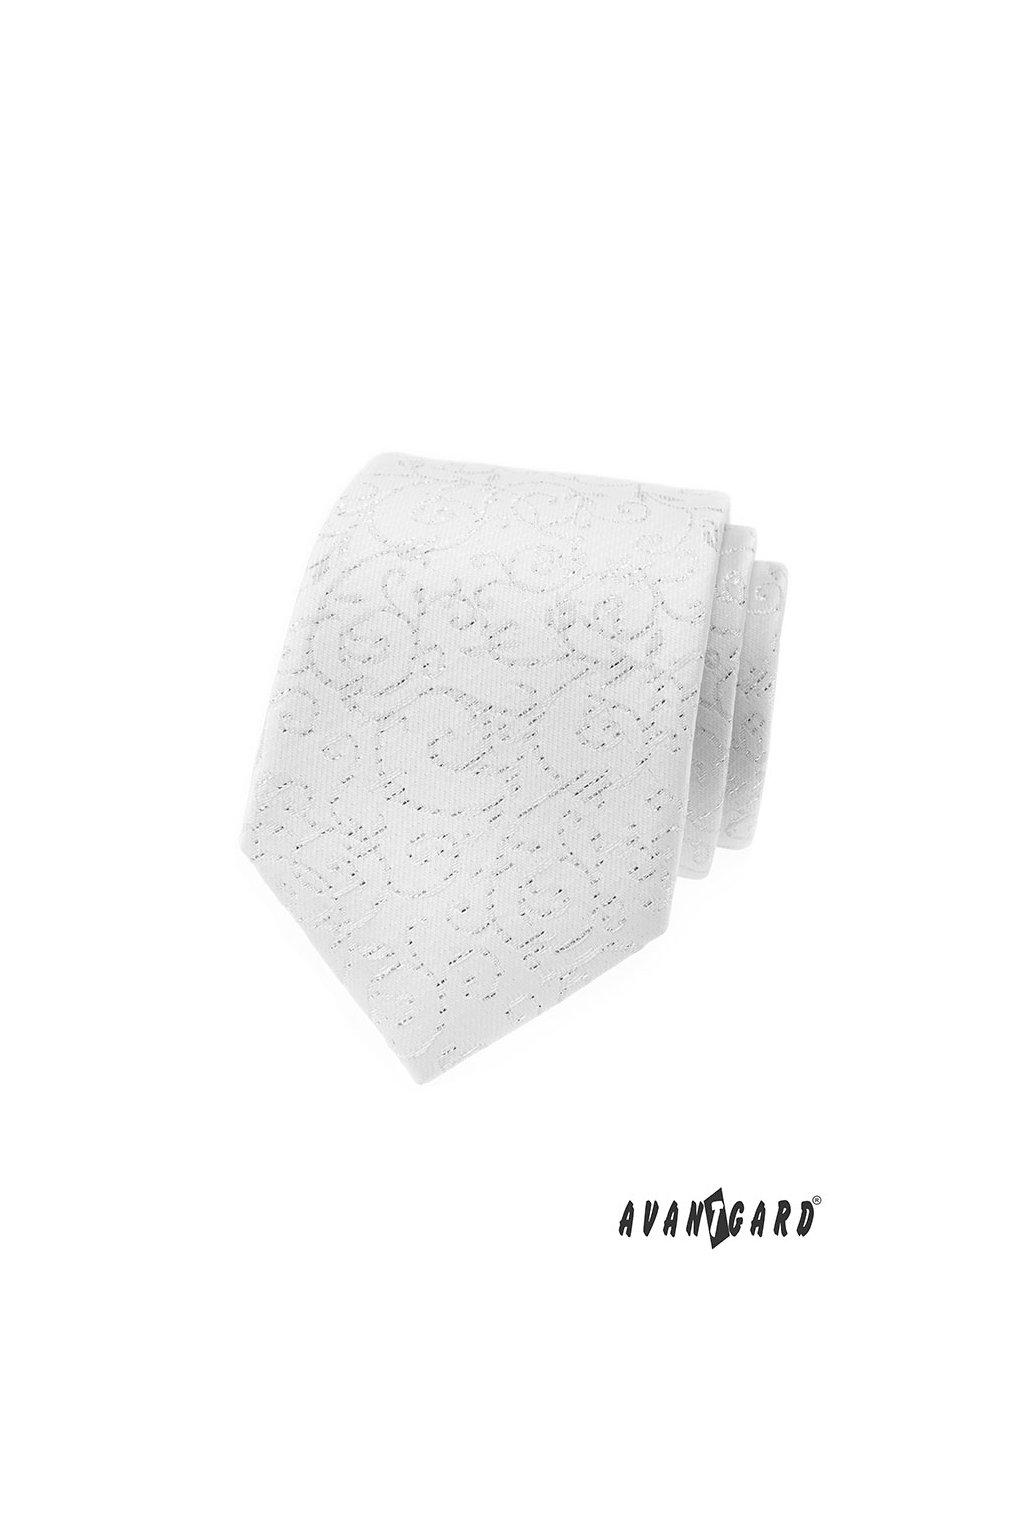 Bílá luxusní  kravata se slavnostním vzorem 561 - 9350